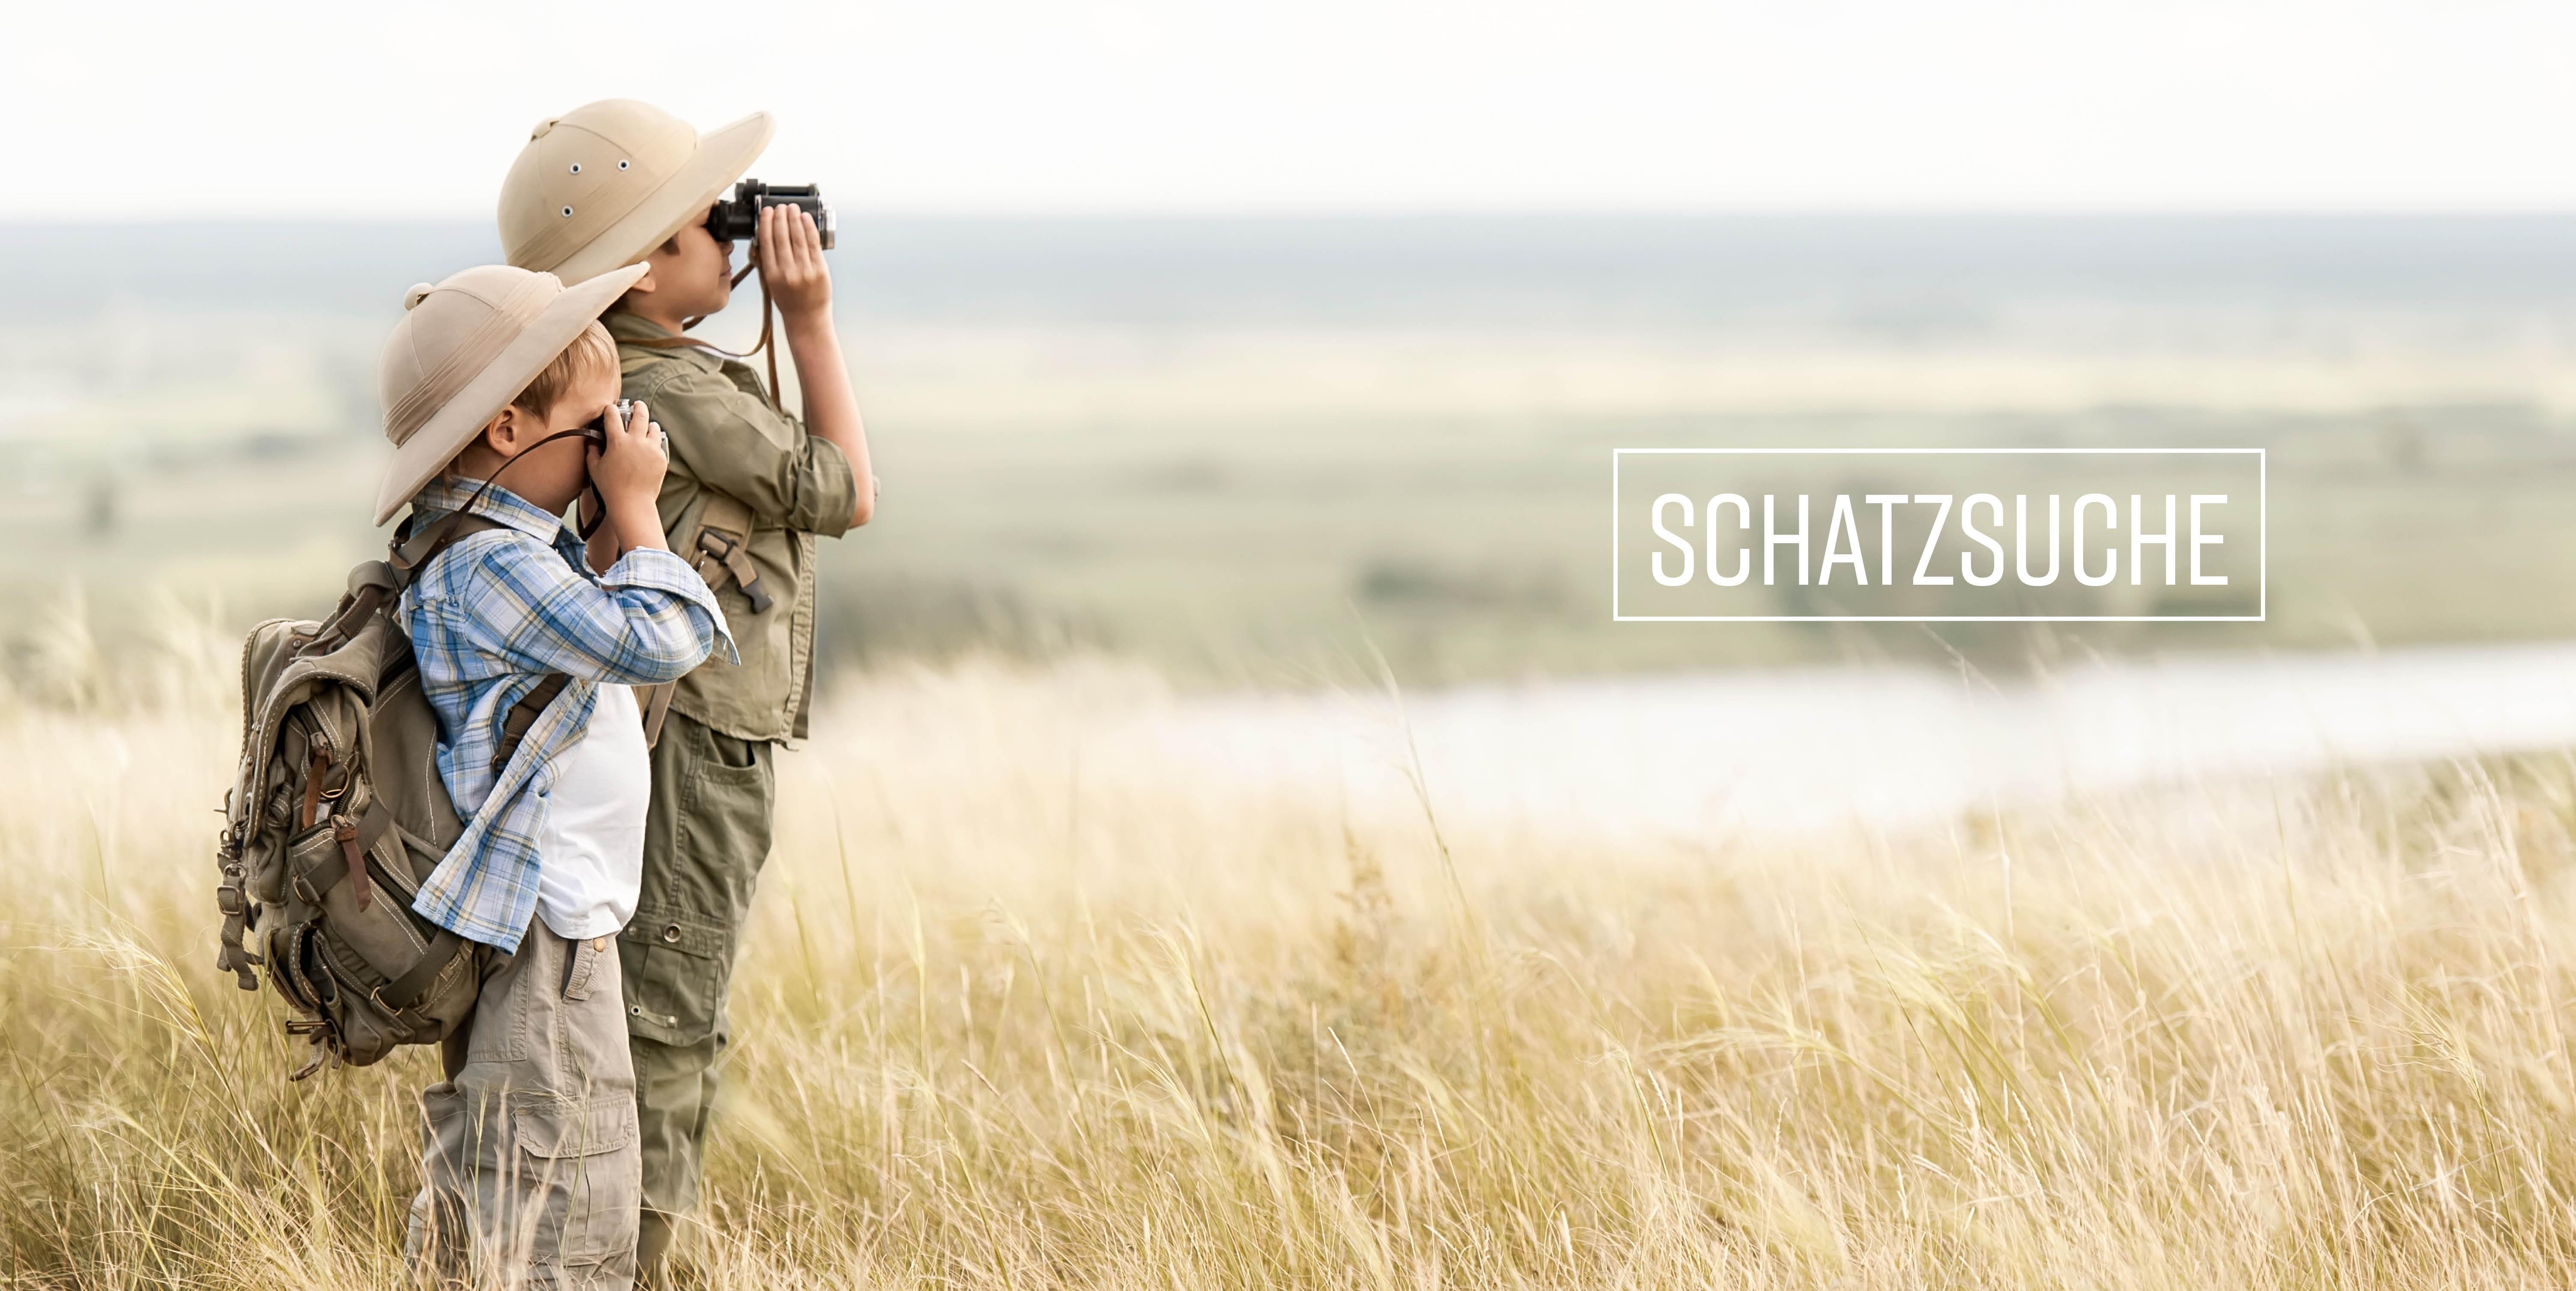 V1 Frontslideshow Schatzsuche